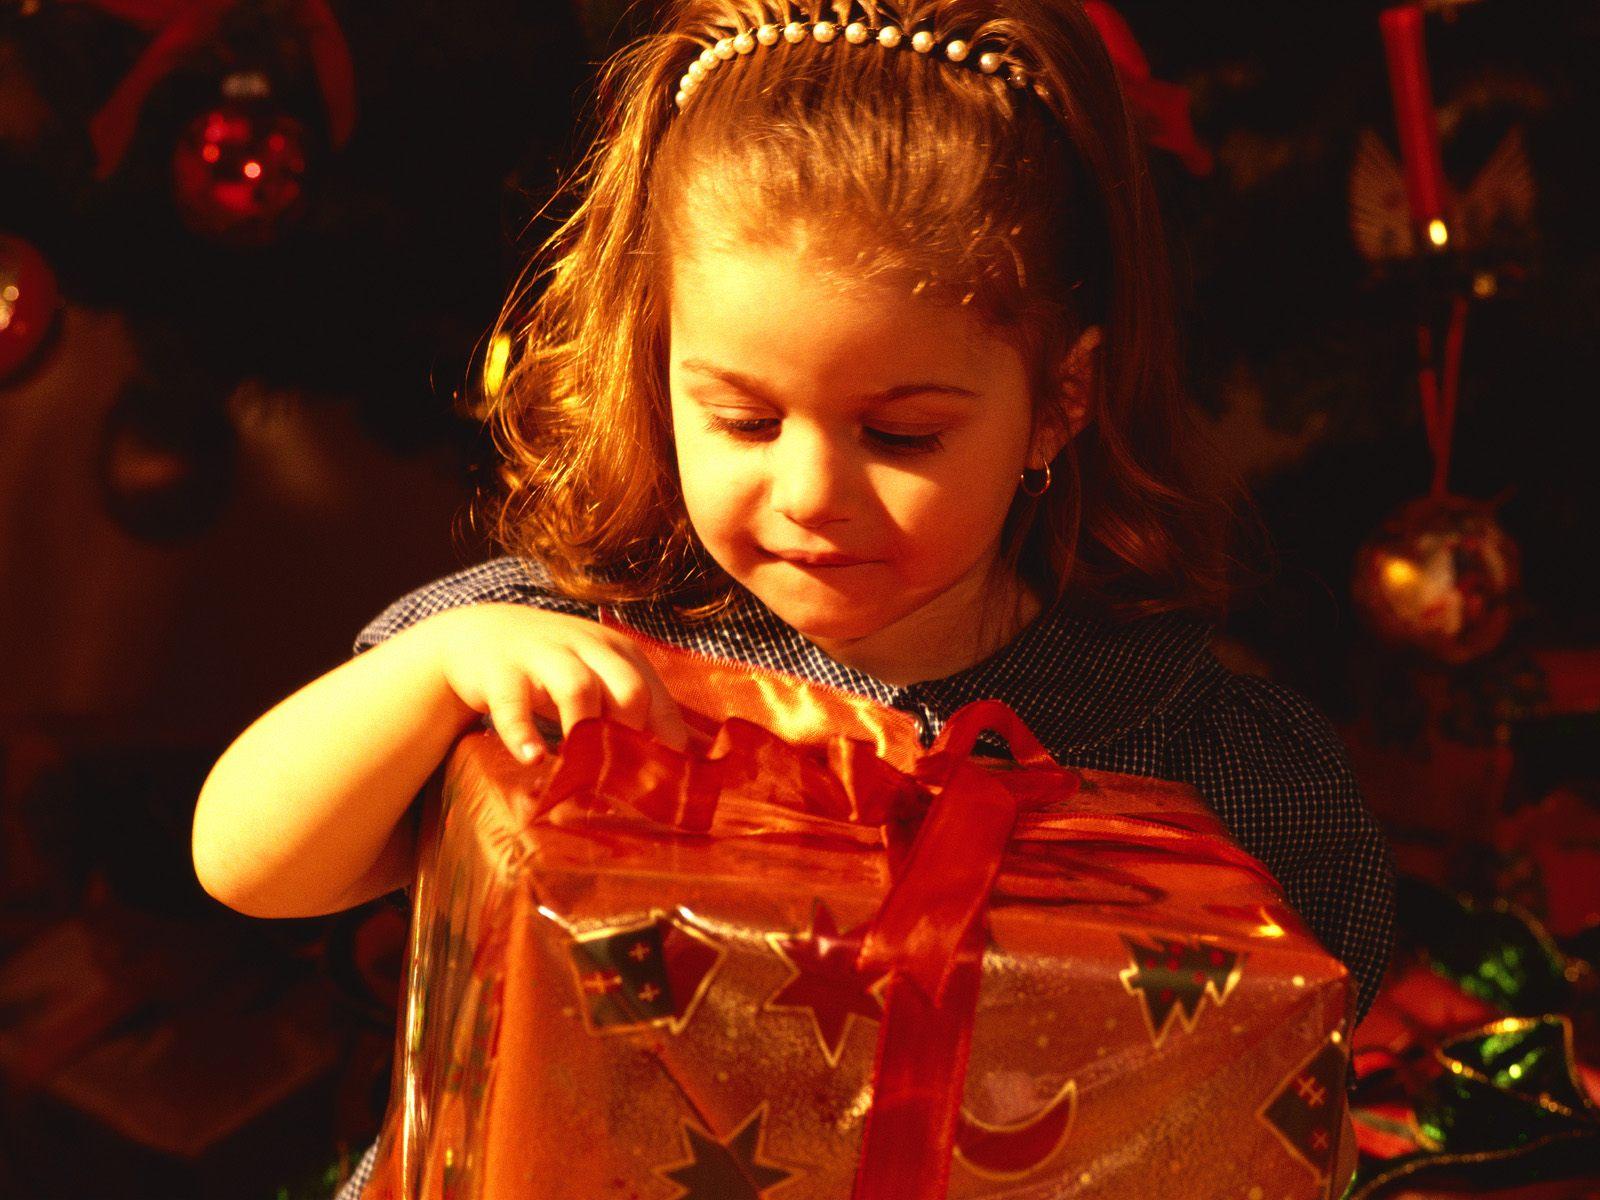 Подарок на день рождения девочке на 10 лет своими руками 75